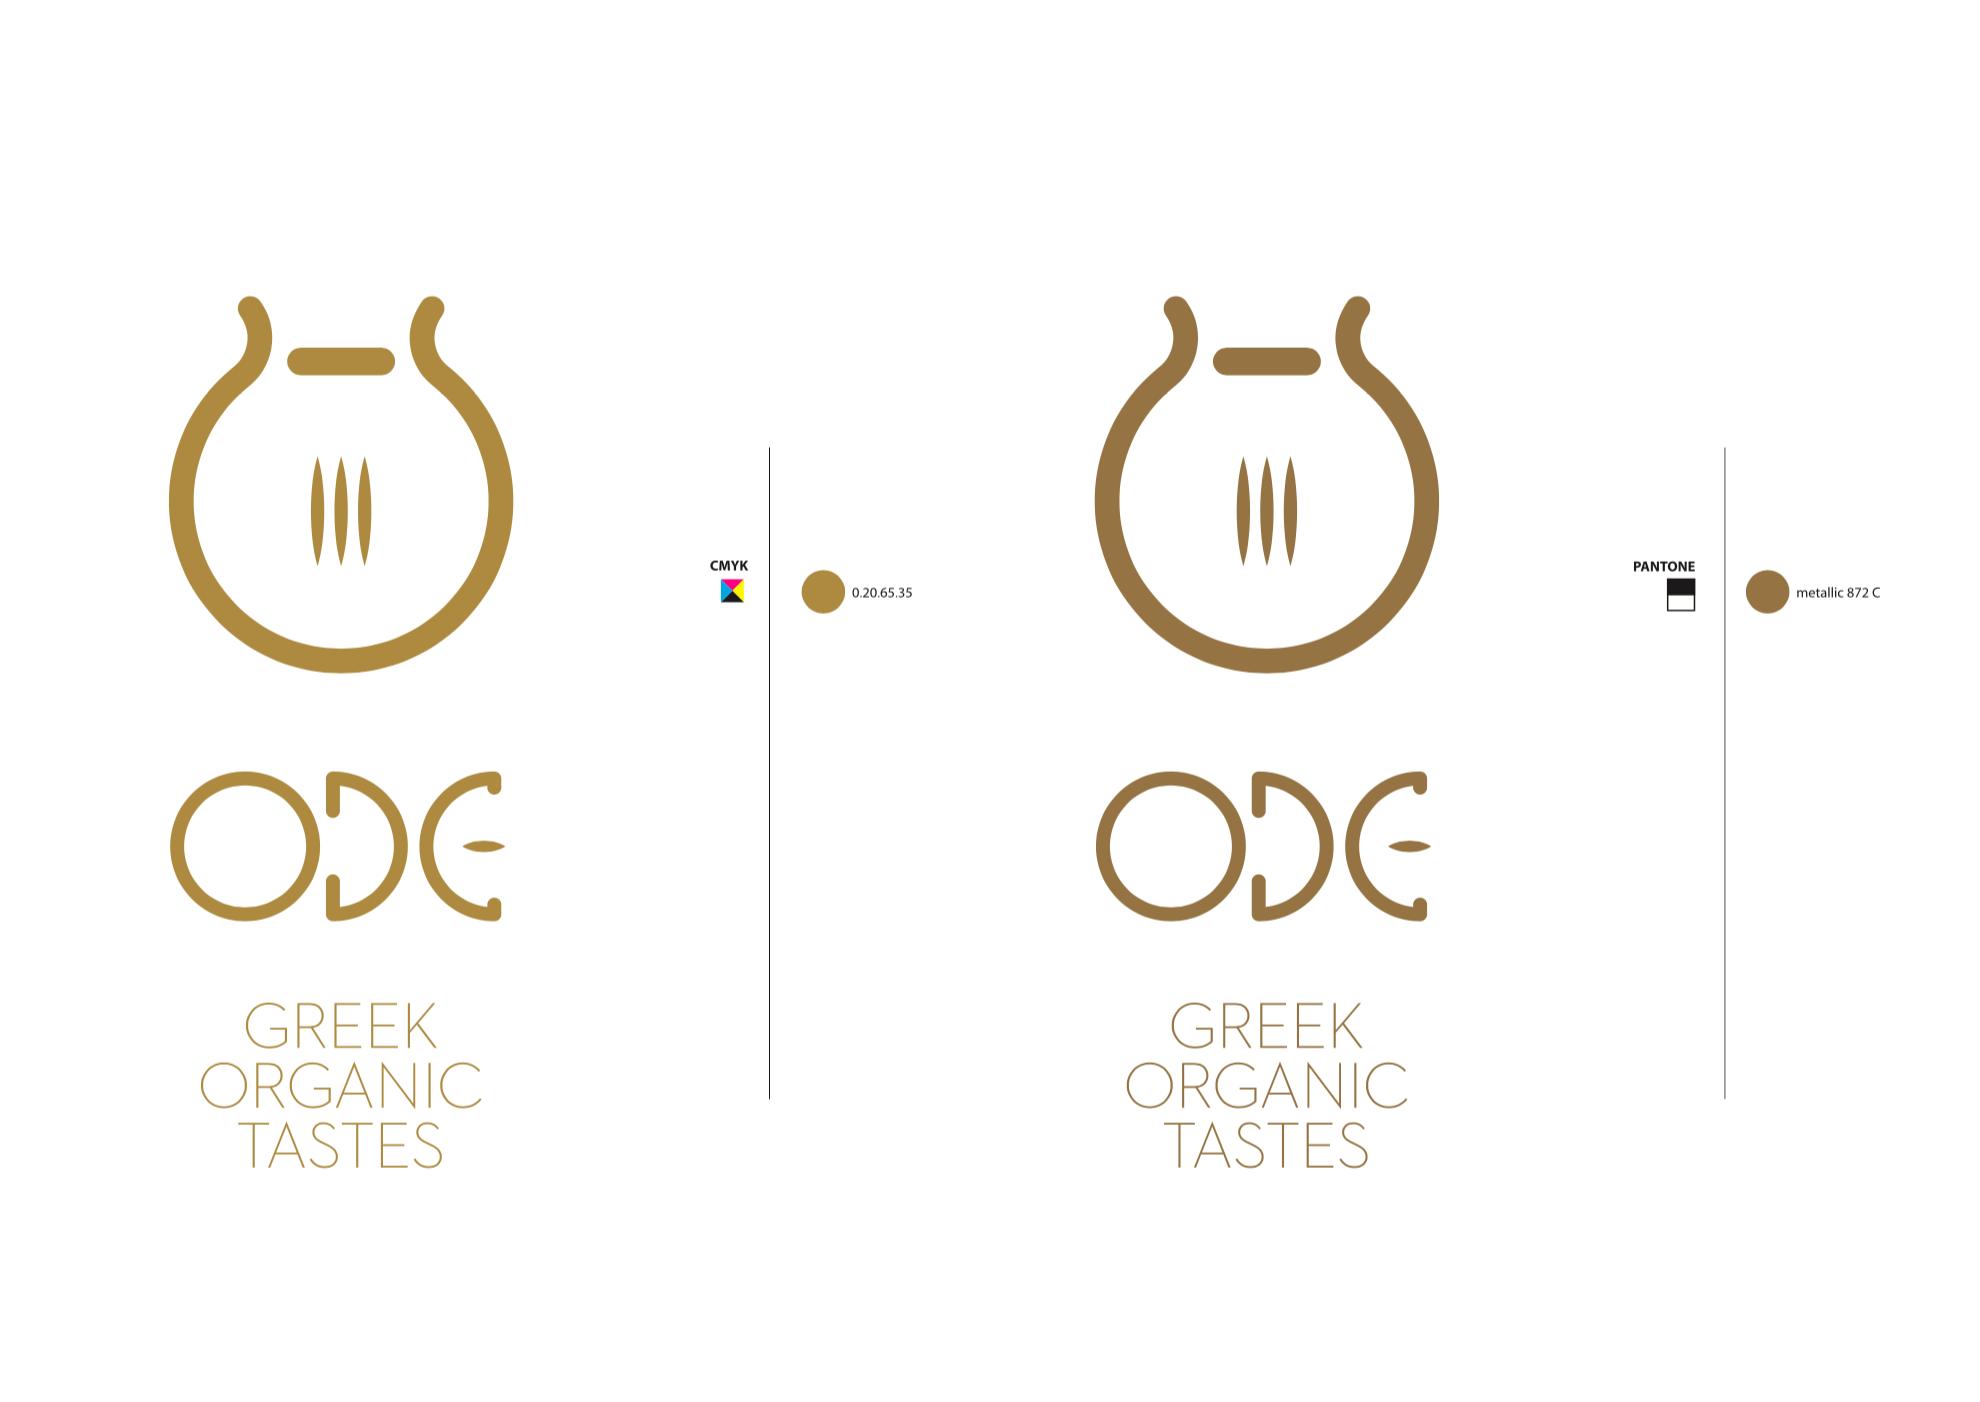 A3-DESIGN-ODE-LOGO